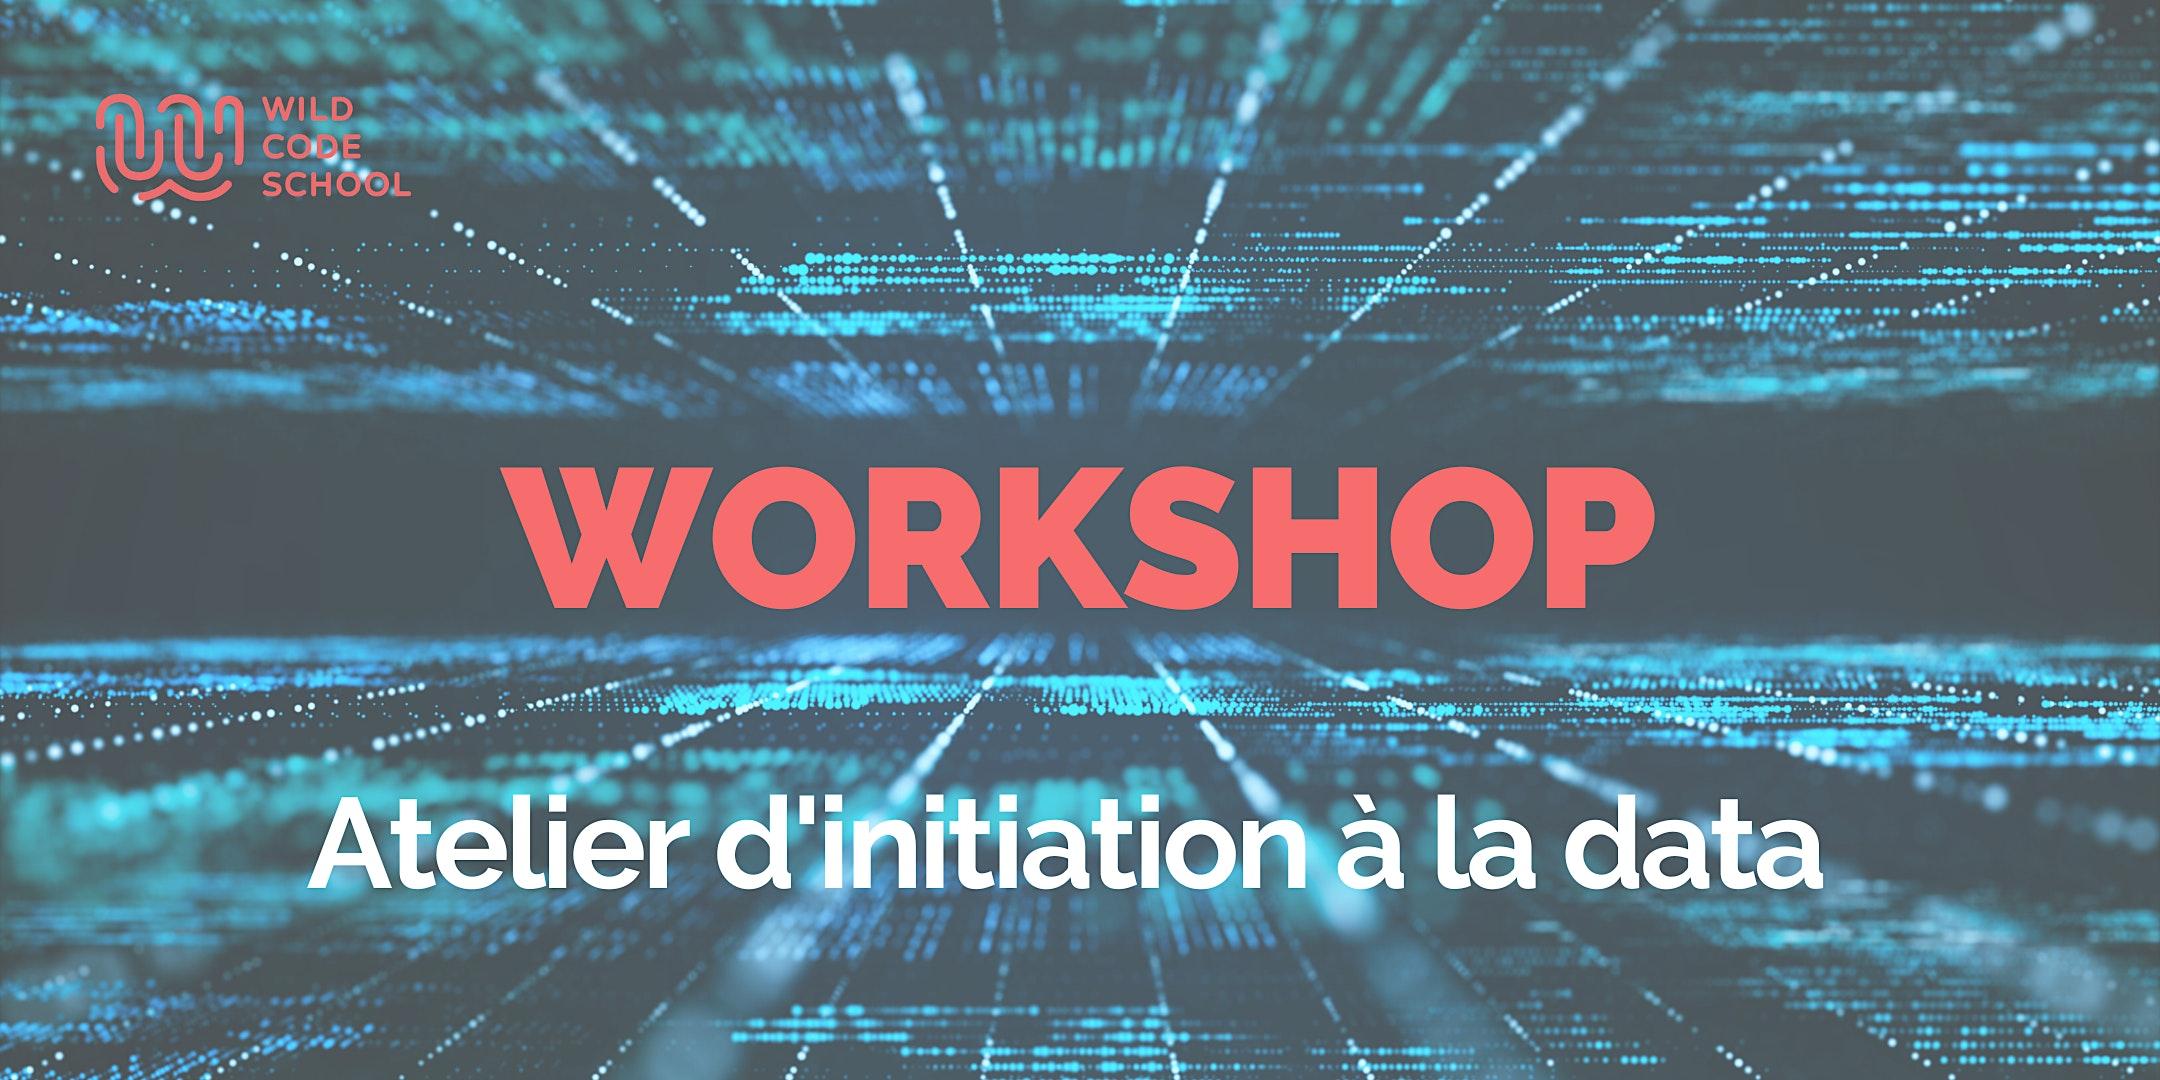 Workshop :  Atelier d'initiation à la Data - Wild Code School  Bruxelles